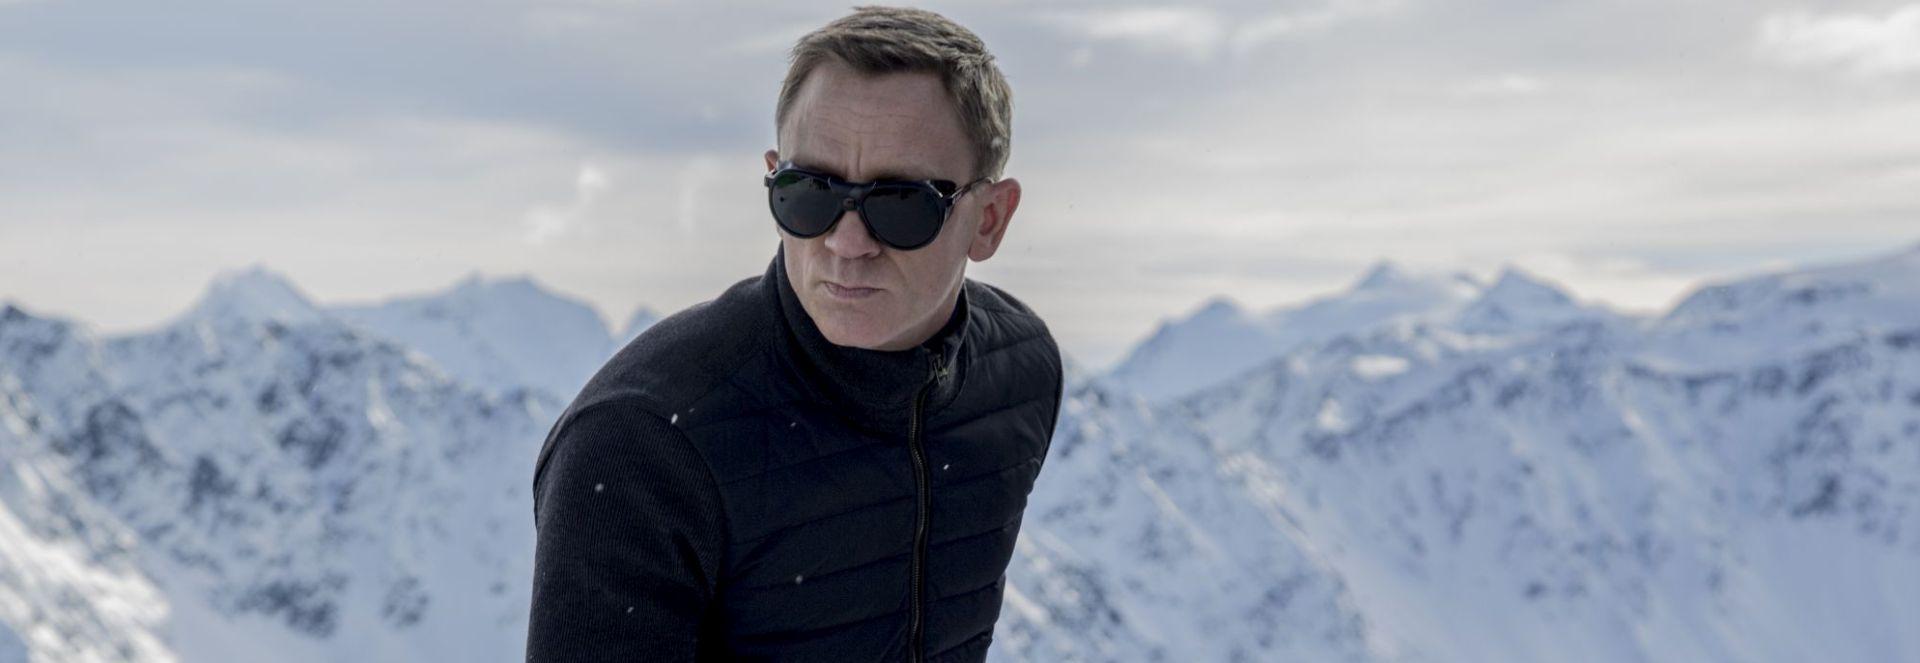 """FOTO: Premijera novog filma o Jamesu Bondu – """"SPECTRE"""""""